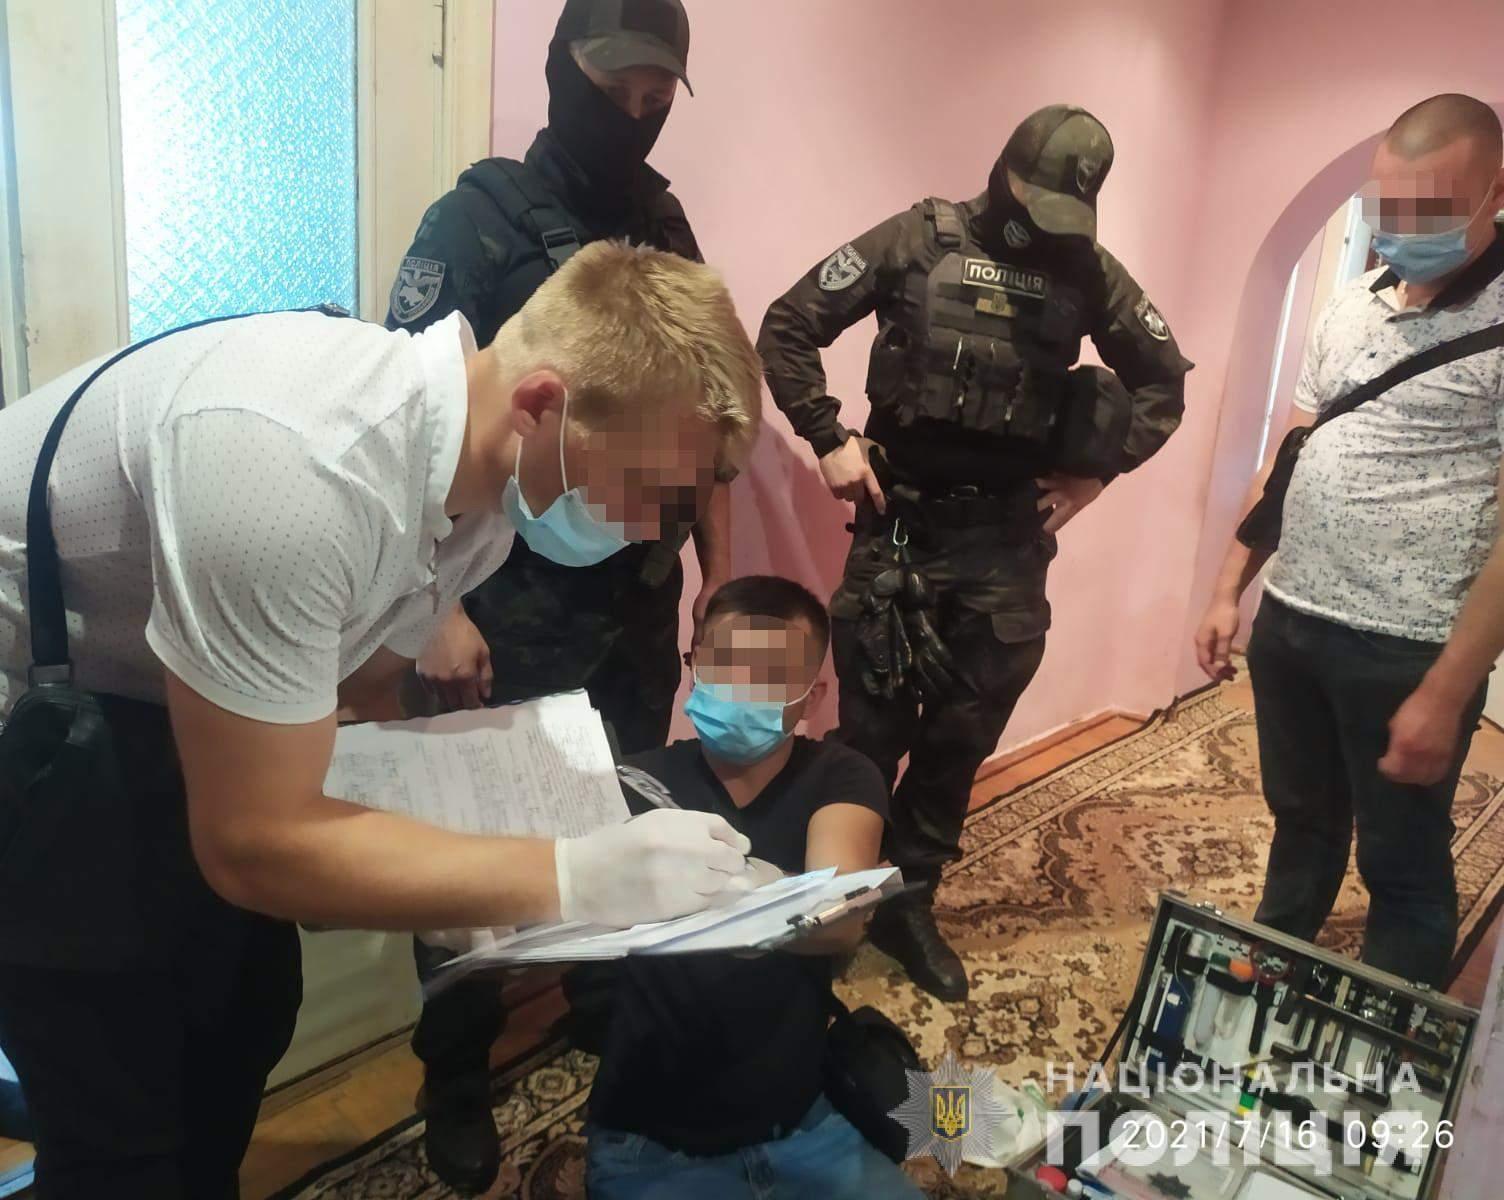 Прийшов у гості й зарізав господаря: на Львівщині затримали 34-річного чоловіка – фото і відео